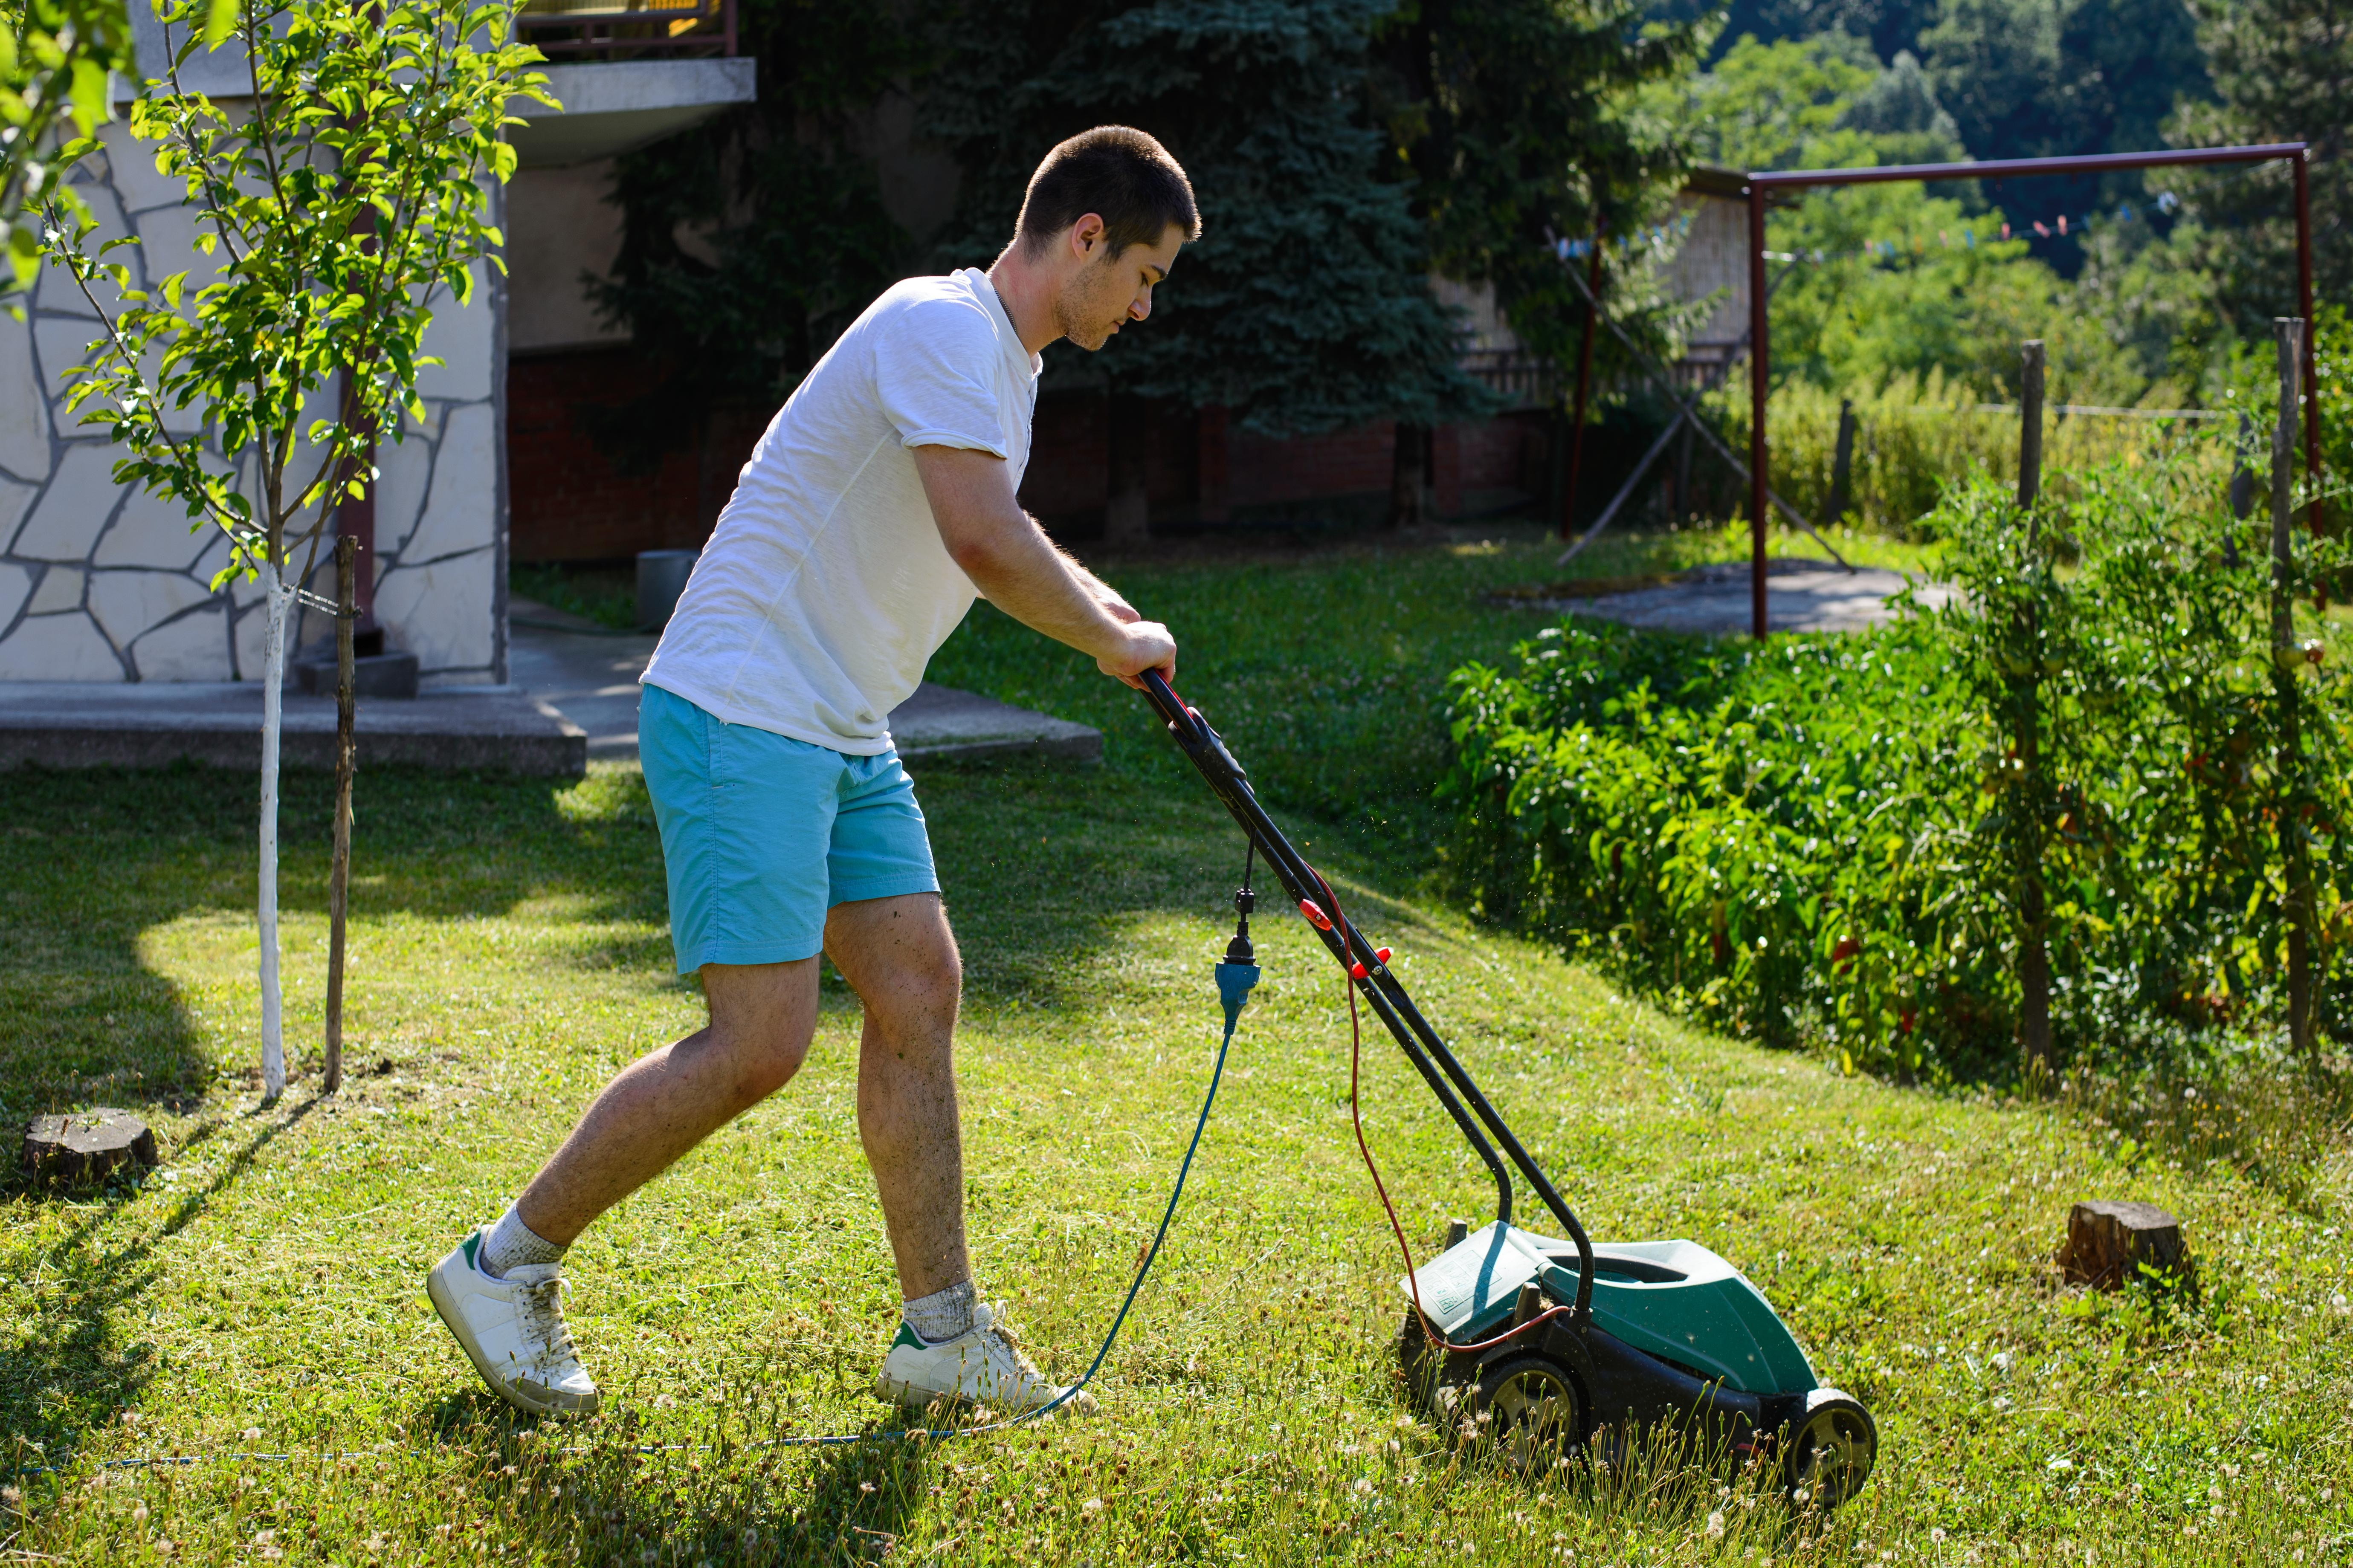 Teen Mowing Lawn